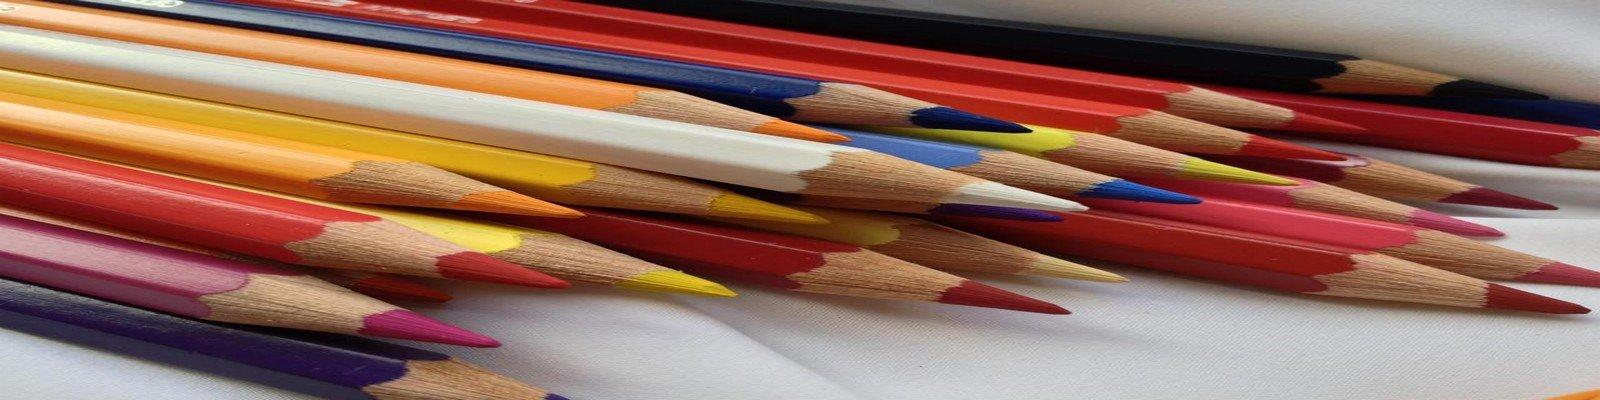 libros del colegio bachiller alonso lopez  alcobendas, libros del colegio castilla zona norte